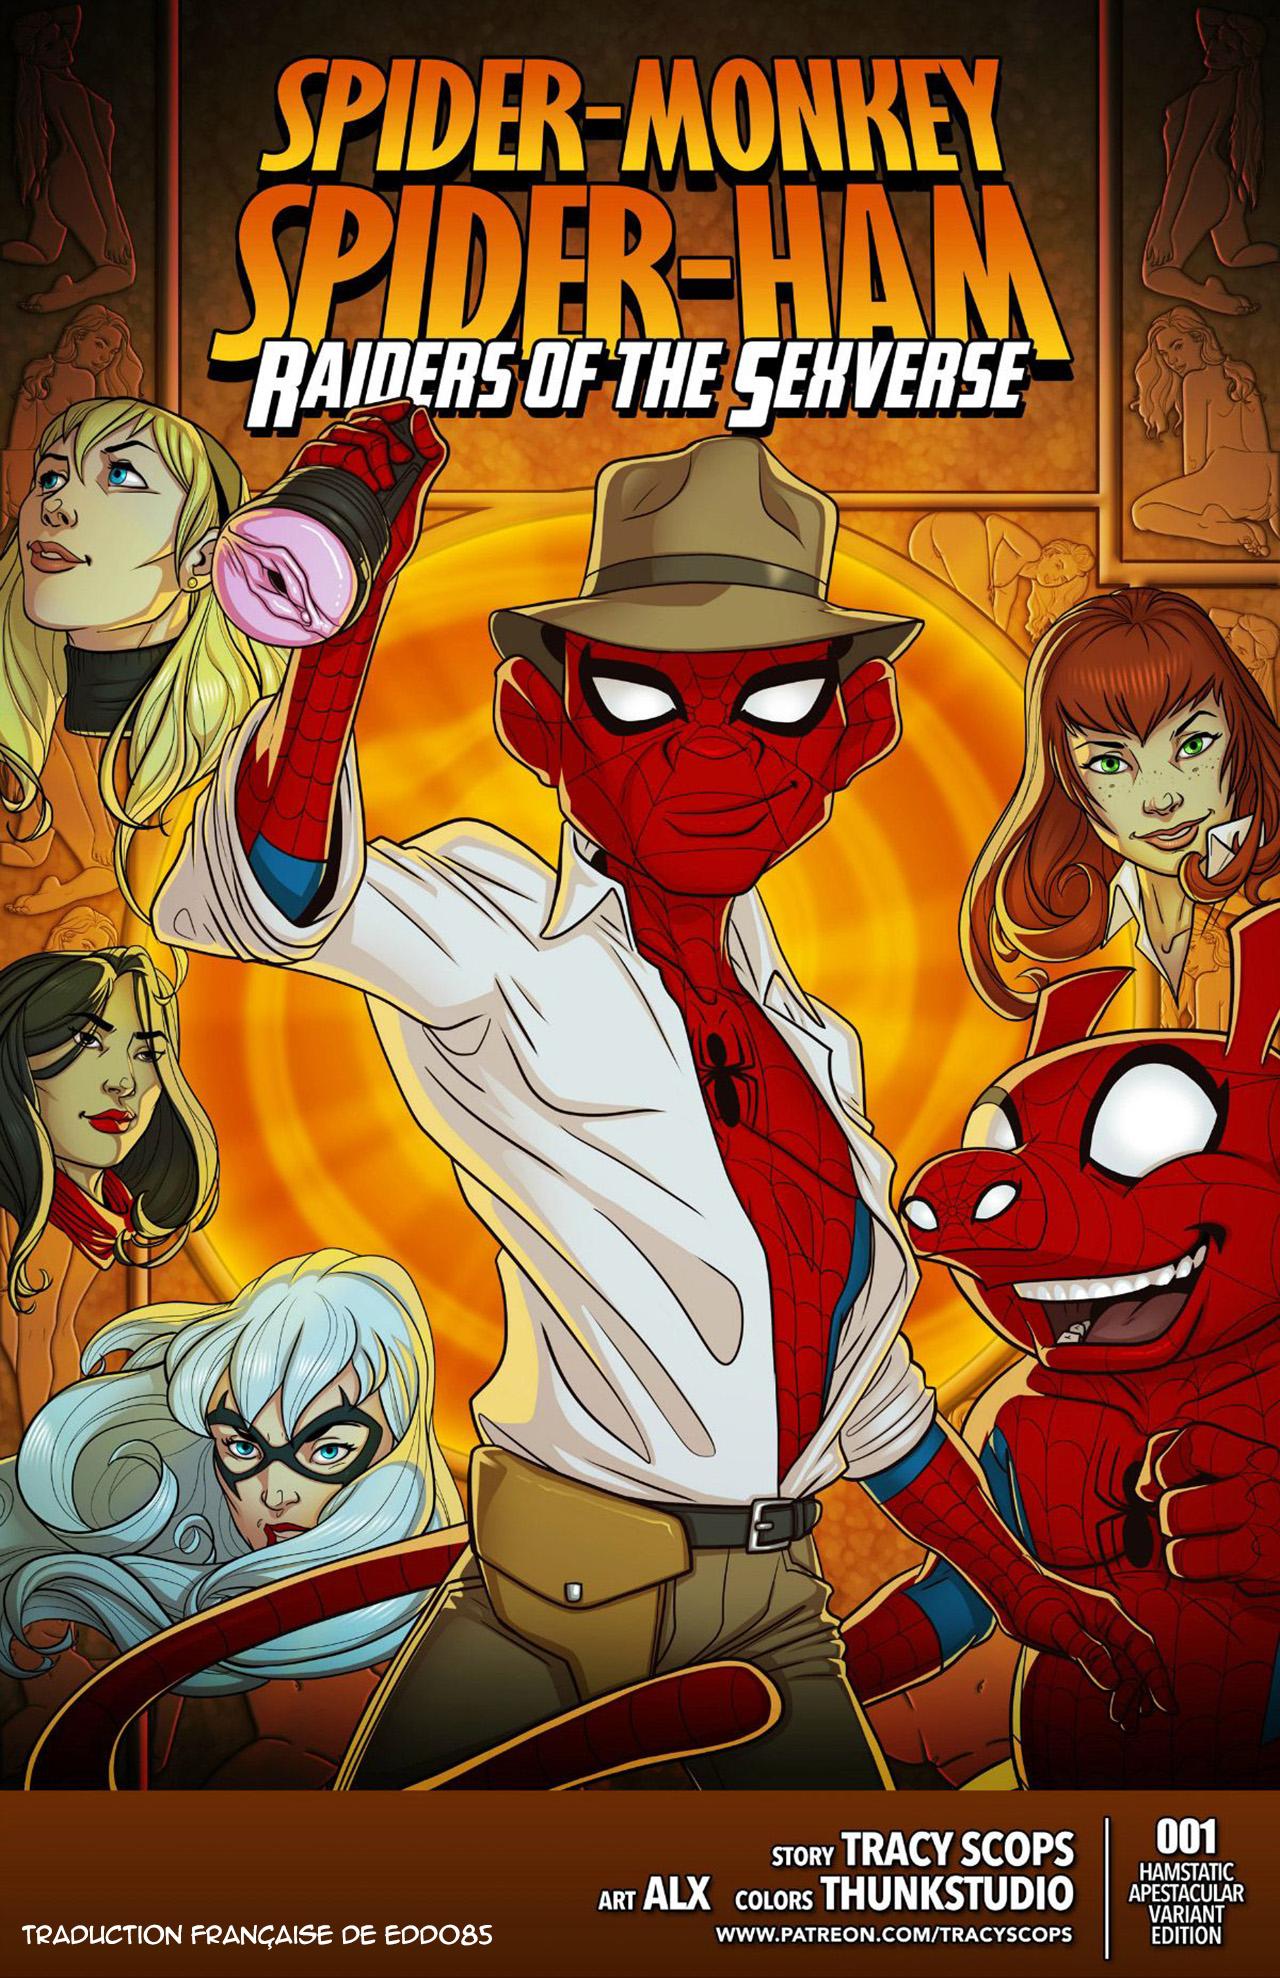 SureFap xxx porno Spider-Man - [Tracy Scops] - Spider-Monkey & Spider-Ham - Raiders of the Sexverse